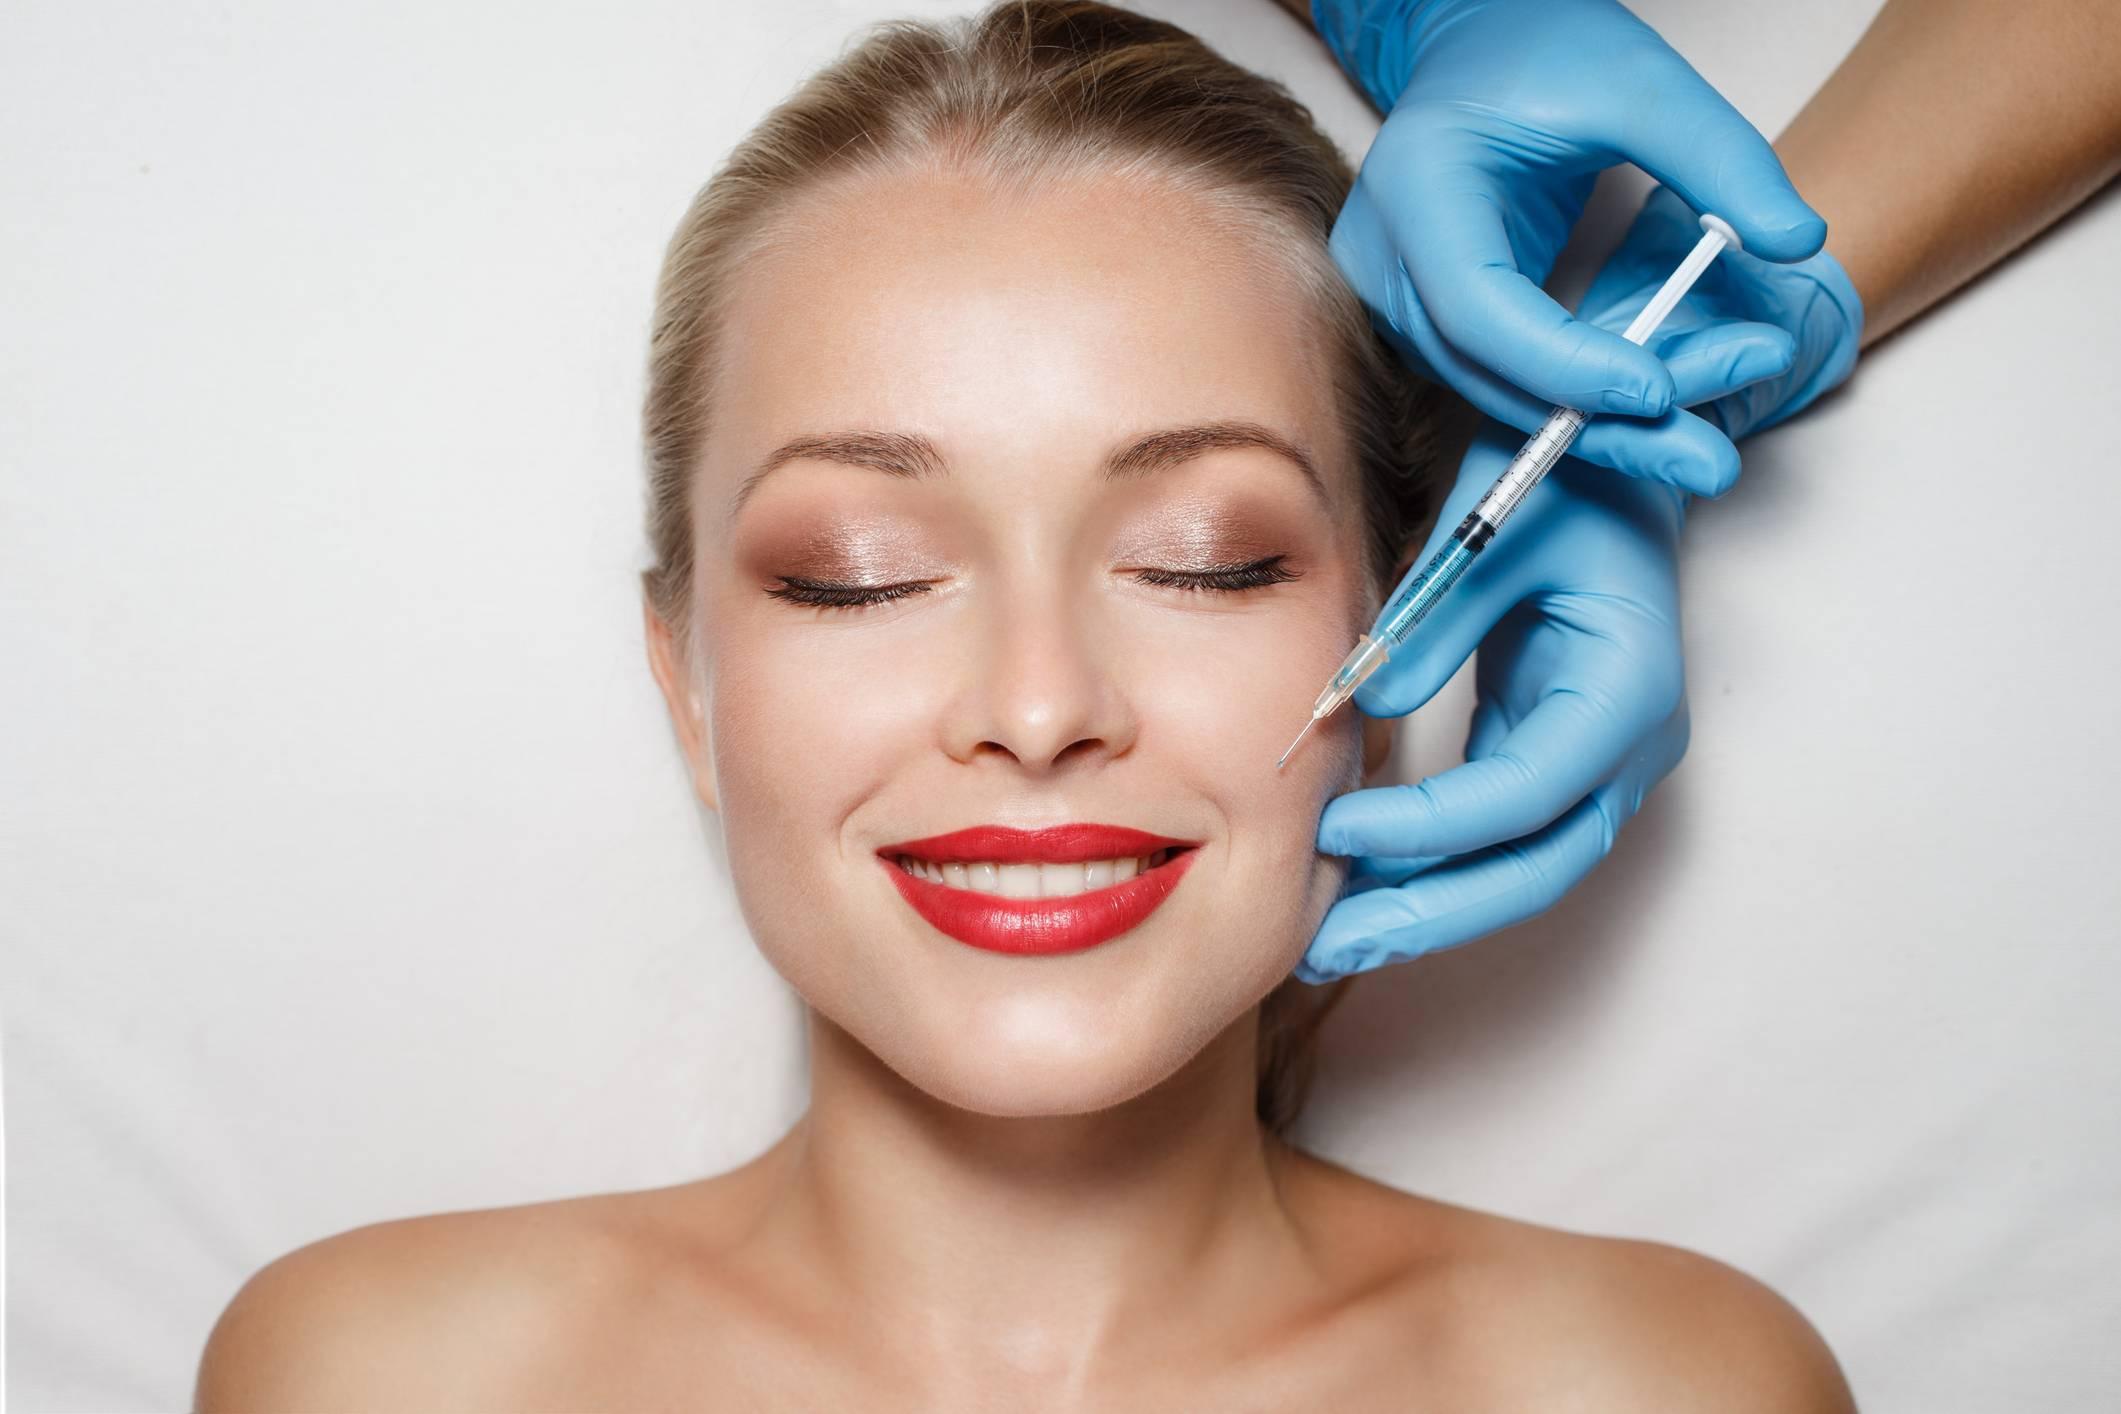 Почему так популярны процедуры с гиалуроновой кислотой?